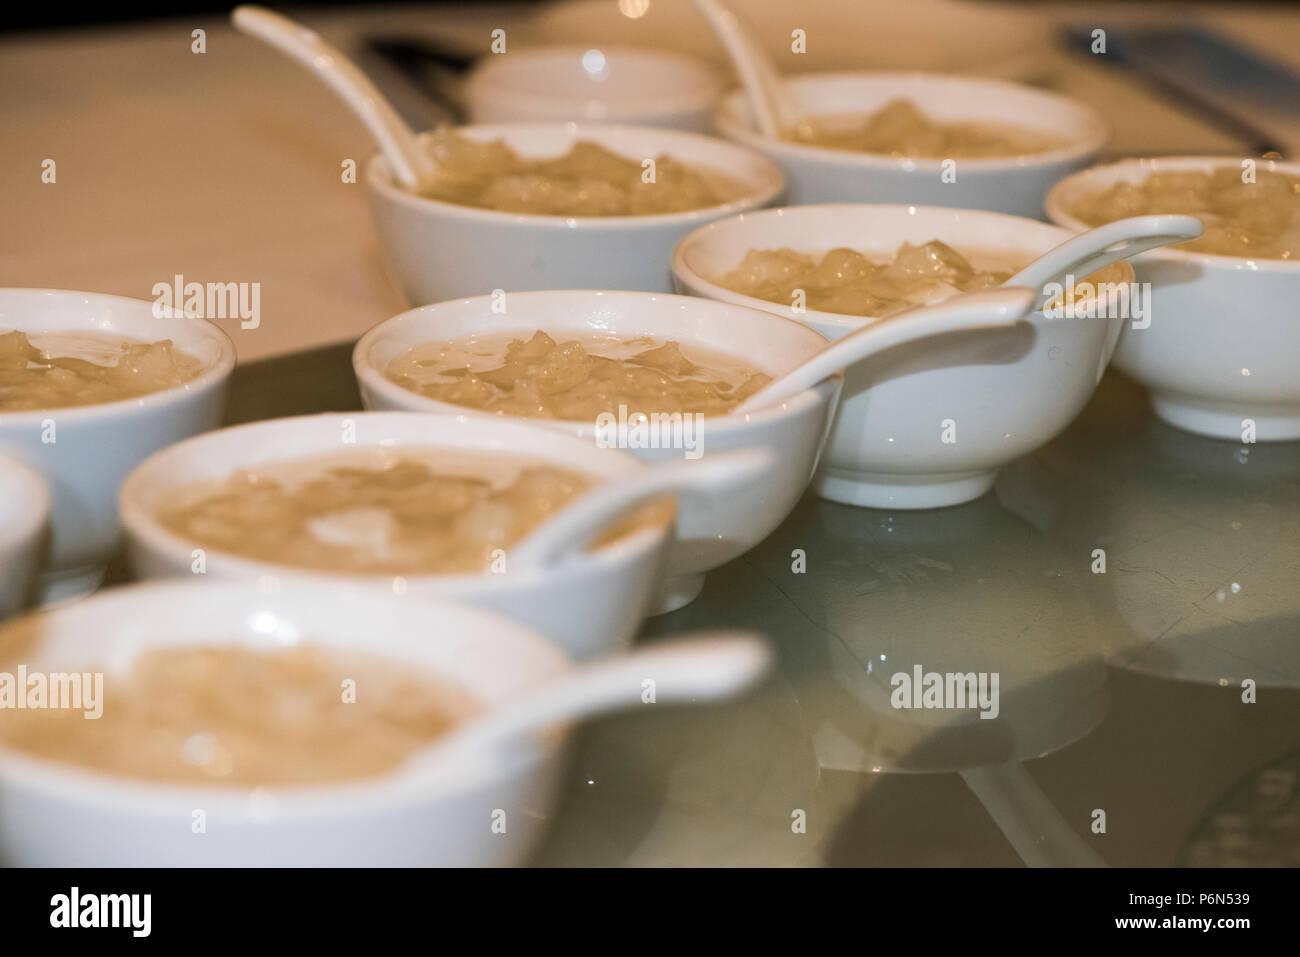 Einzelne Portionen chinesische Suppe in kleinen weißen Schale (s), mit sppon Stockbild